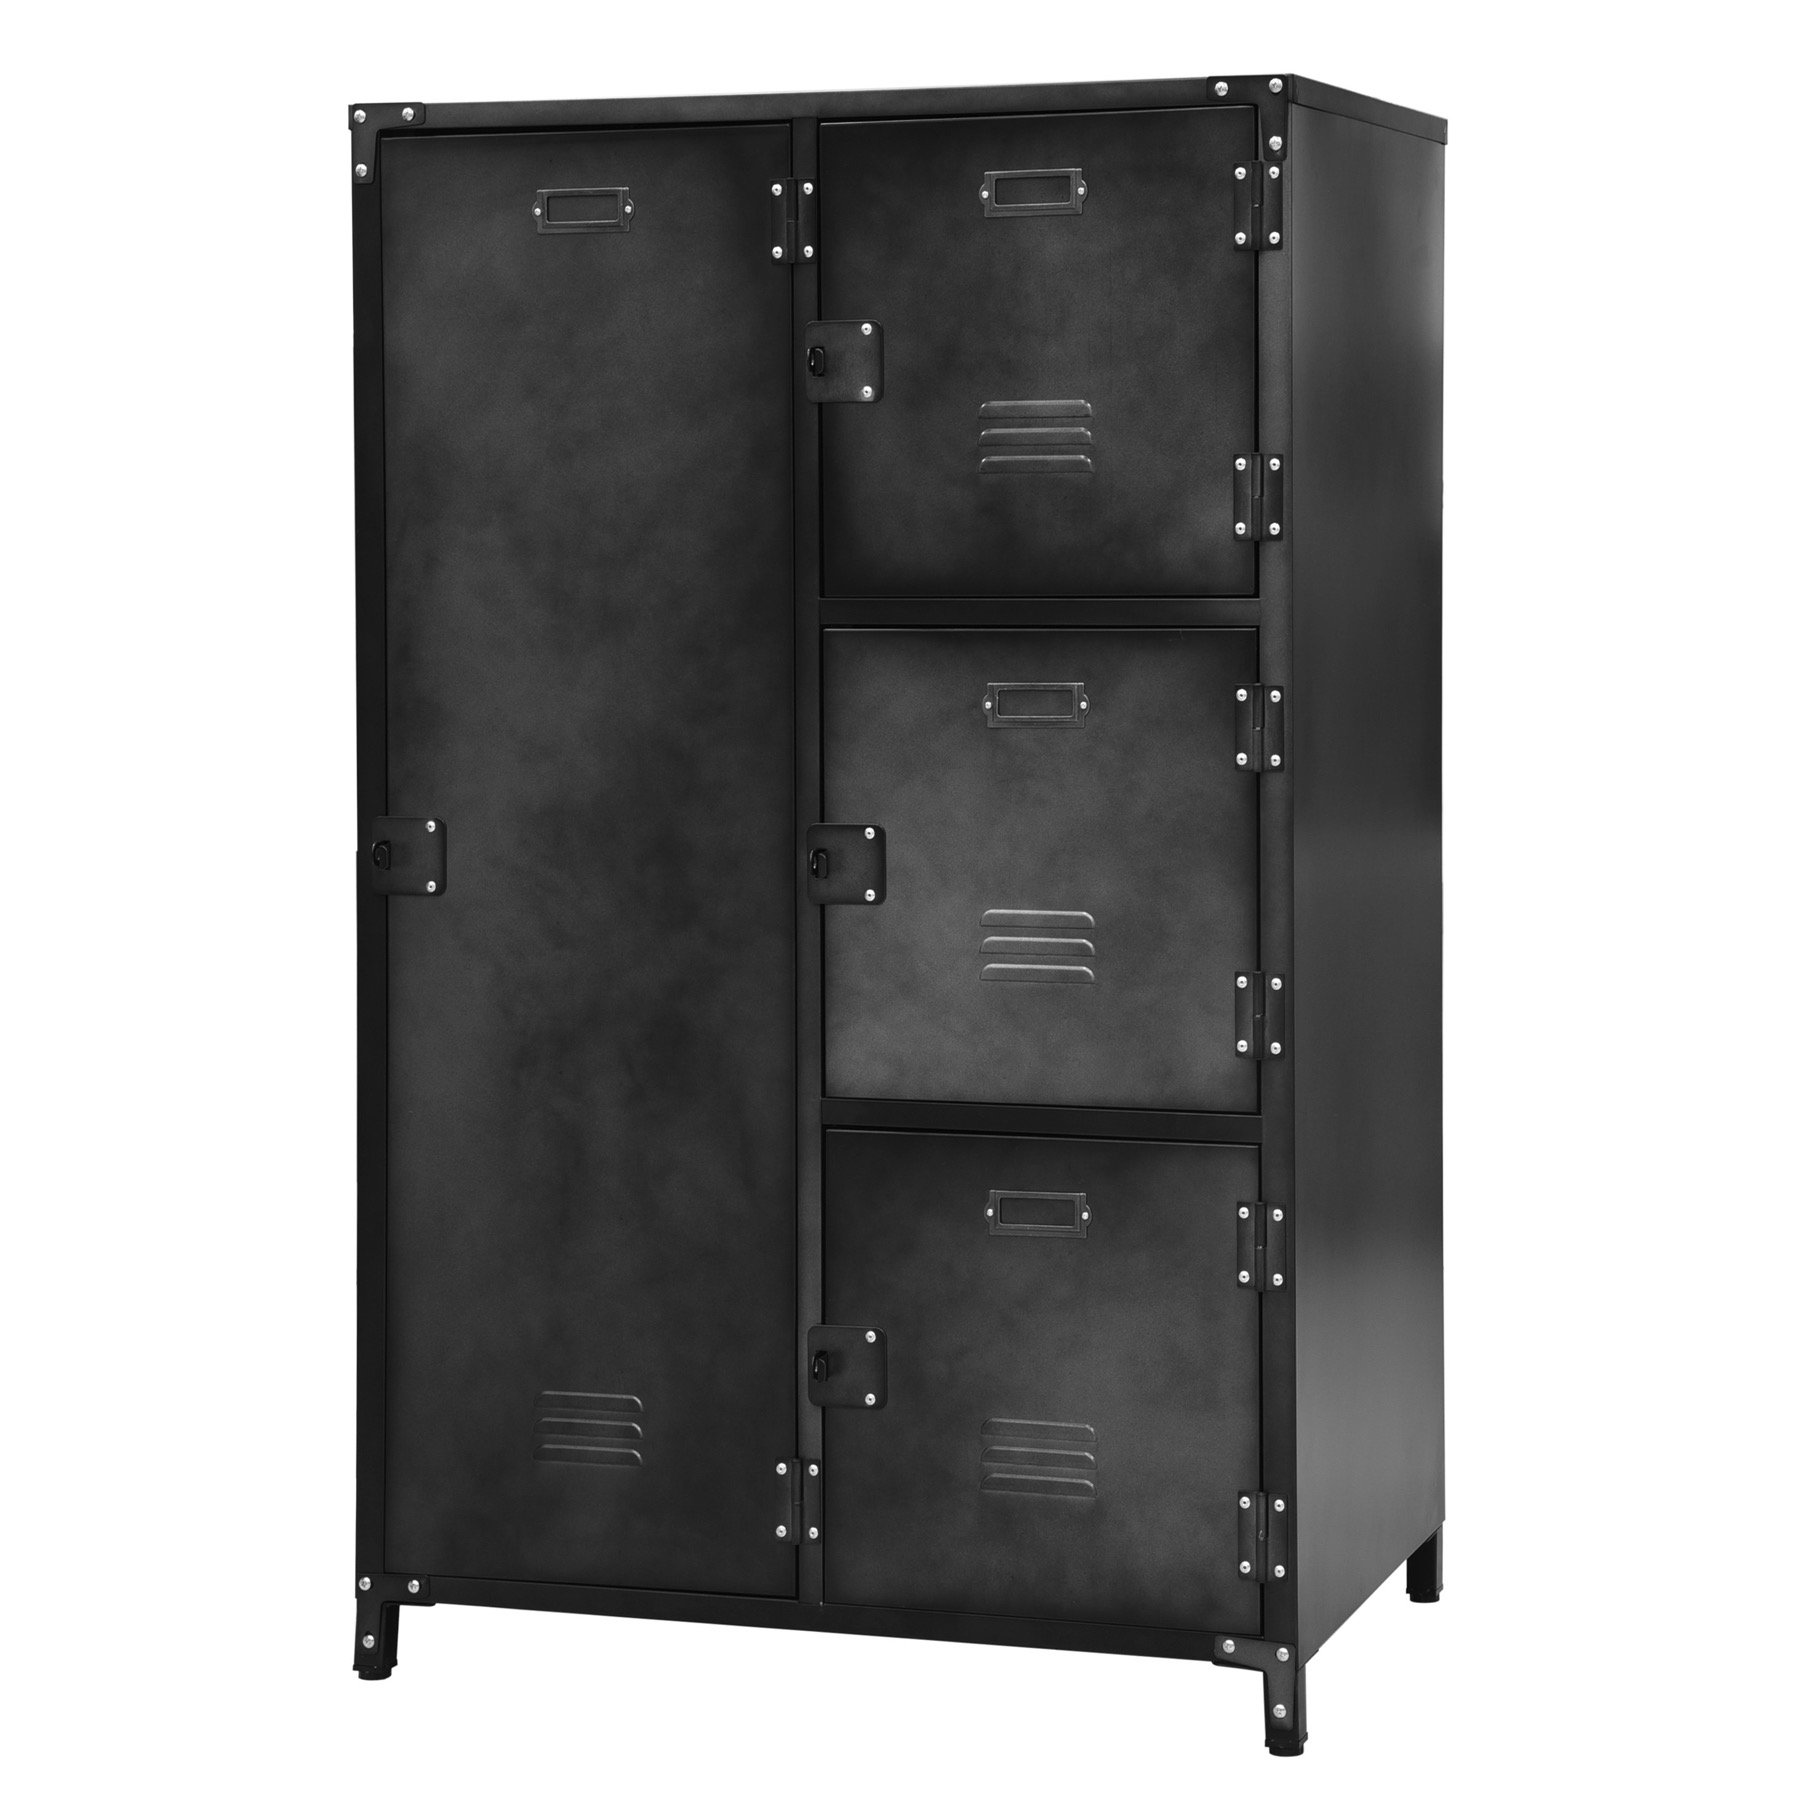 Allspace 4 Door Wardrobe Locker Blk Weathered Finish SCRATCH & DENT DEAL -240123 by Allspace